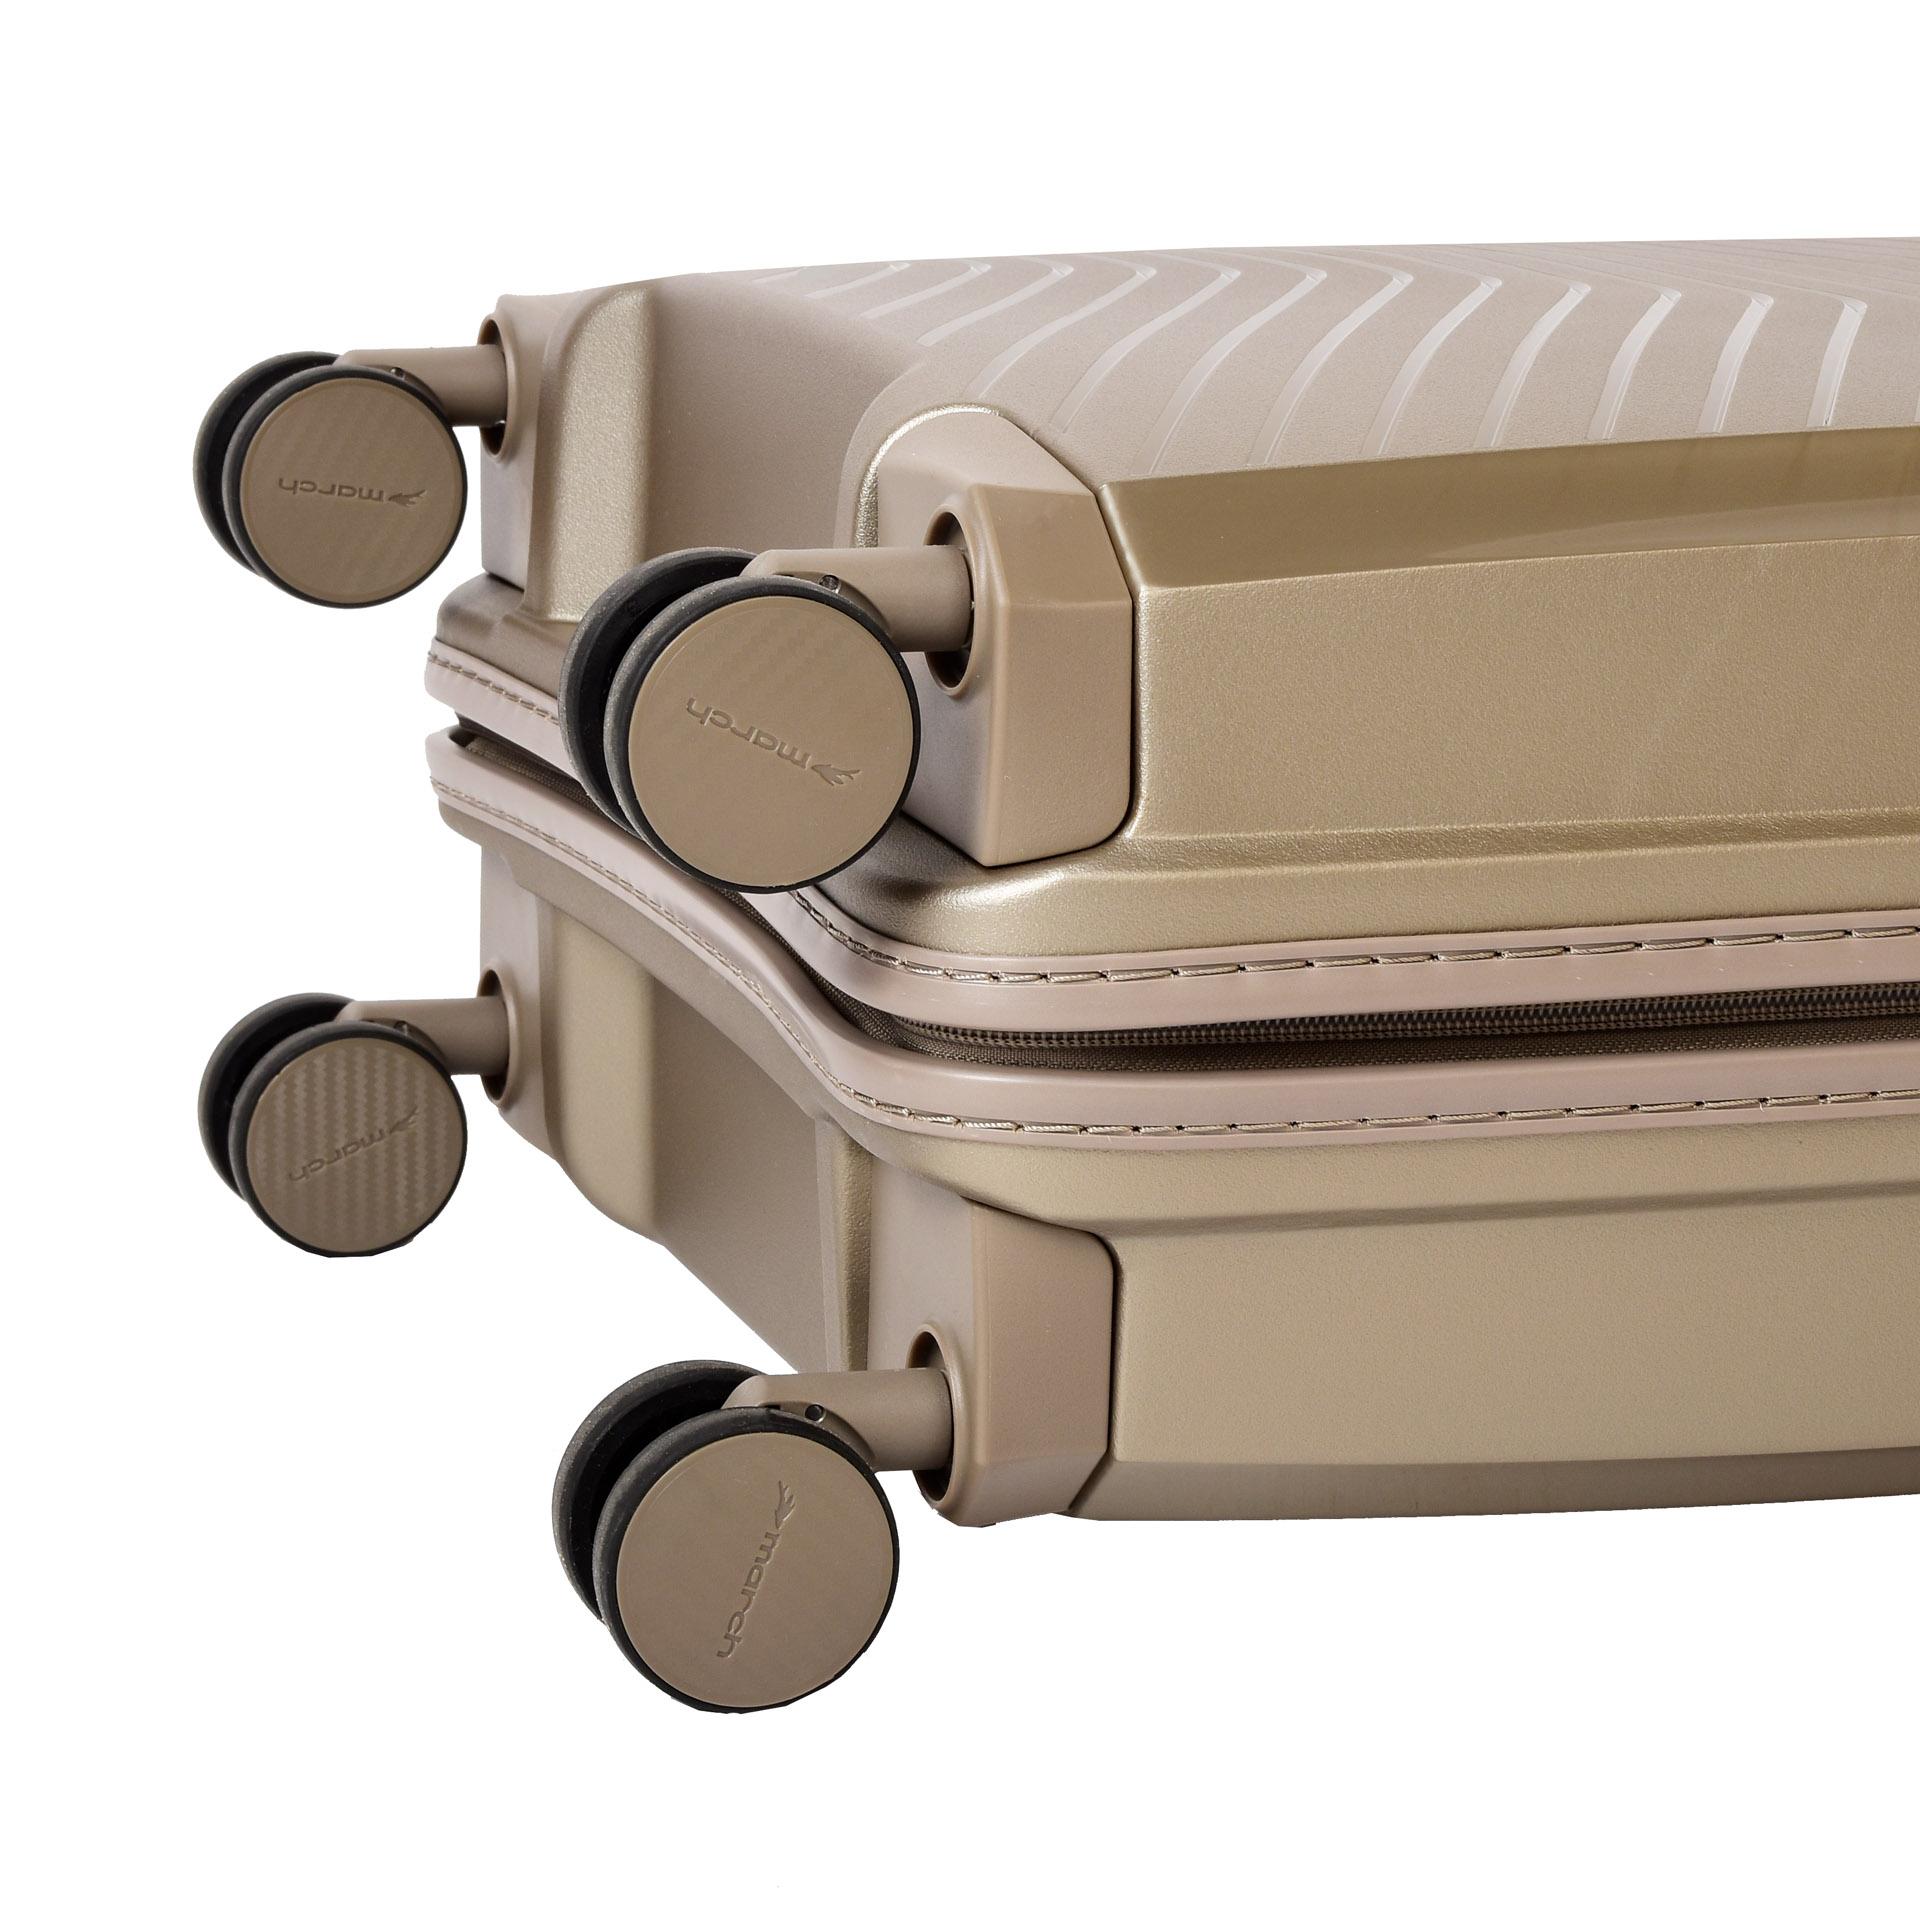 March Gotthard S Silver bronze.  - batožina S je väčšinou dopravcov akceptovaná ako palubná - odľahčený pojazdný systém štyroch dvojkoliesok otočných o 360° - hliníková výsuvná rukoväť s aretačným tlačidlom - TSA zámok umožňujúci bezpečné uzamknutie kufra - dvojstranne riešený interiér s vreckom na zips - piesková povrchová úprava znižujúca riziko oderu a poškrabania - päťročná záruka